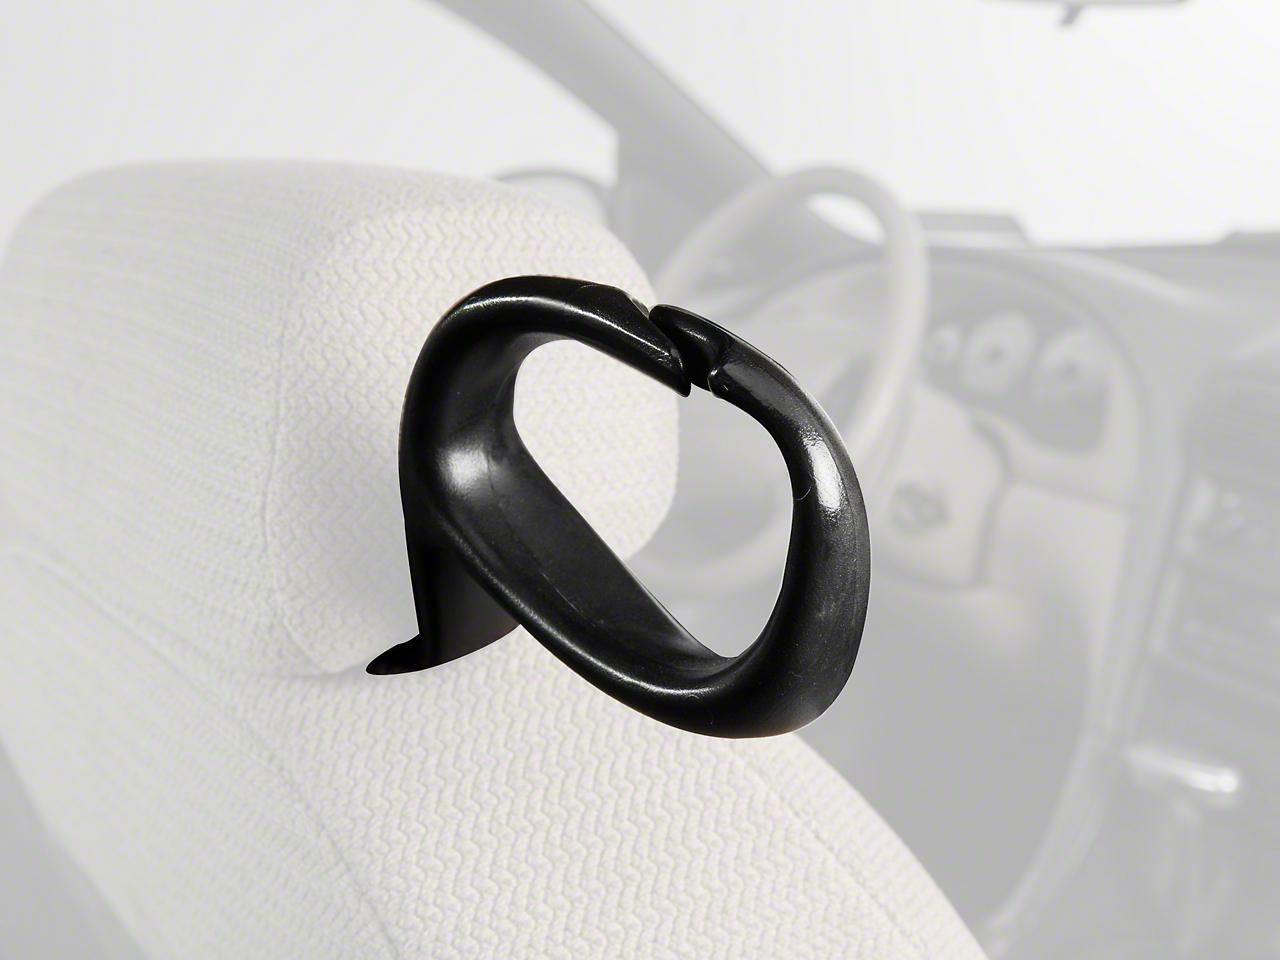 Ford Passenger Seat Shoulder Mount Belt Loop (99-04 All)